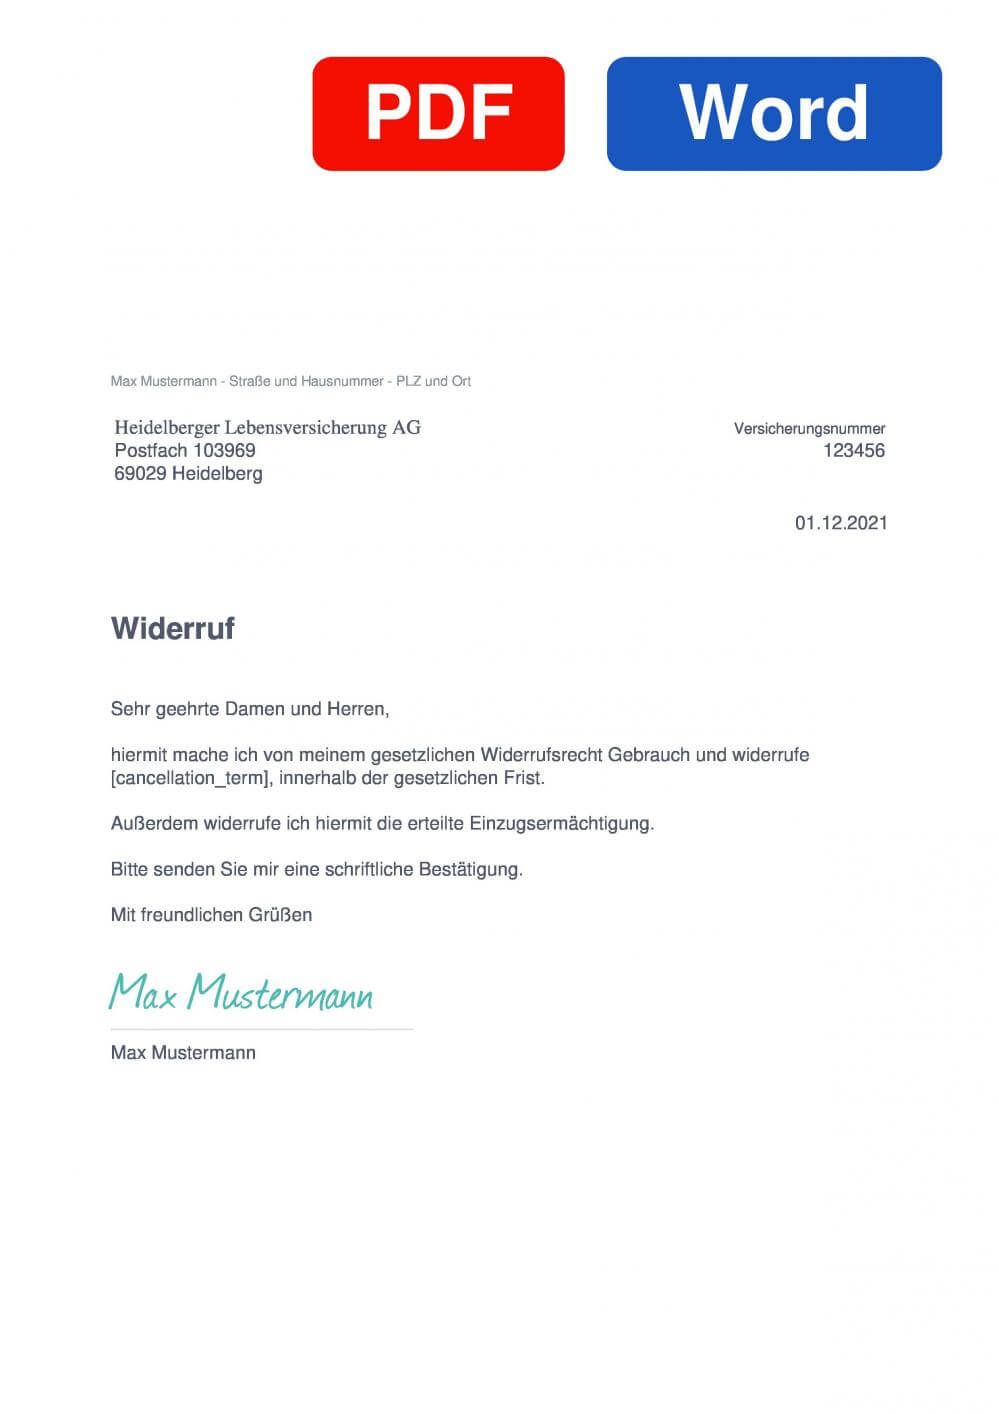 Heidelberger Leben Muster Vorlage für Wiederrufsschreiben